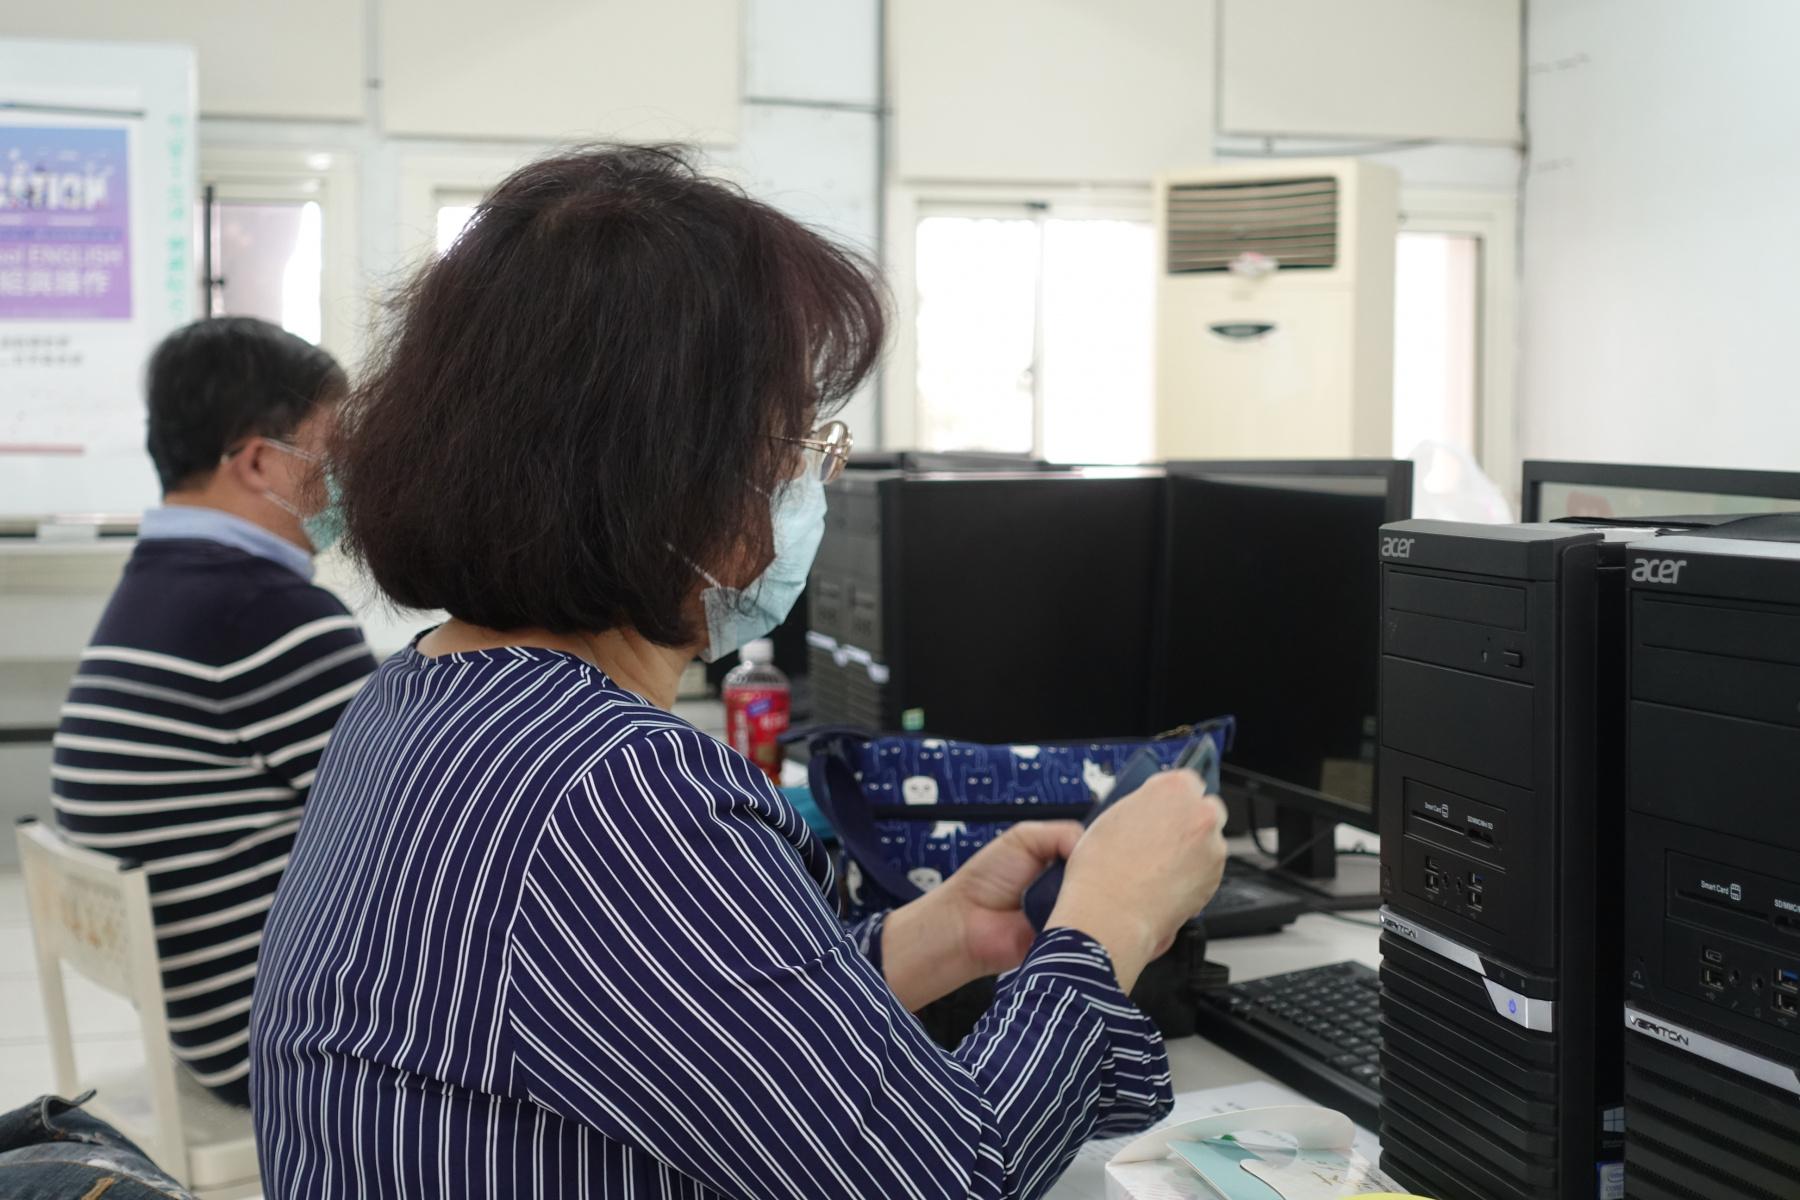 因材網、Cool English平台介紹與操作